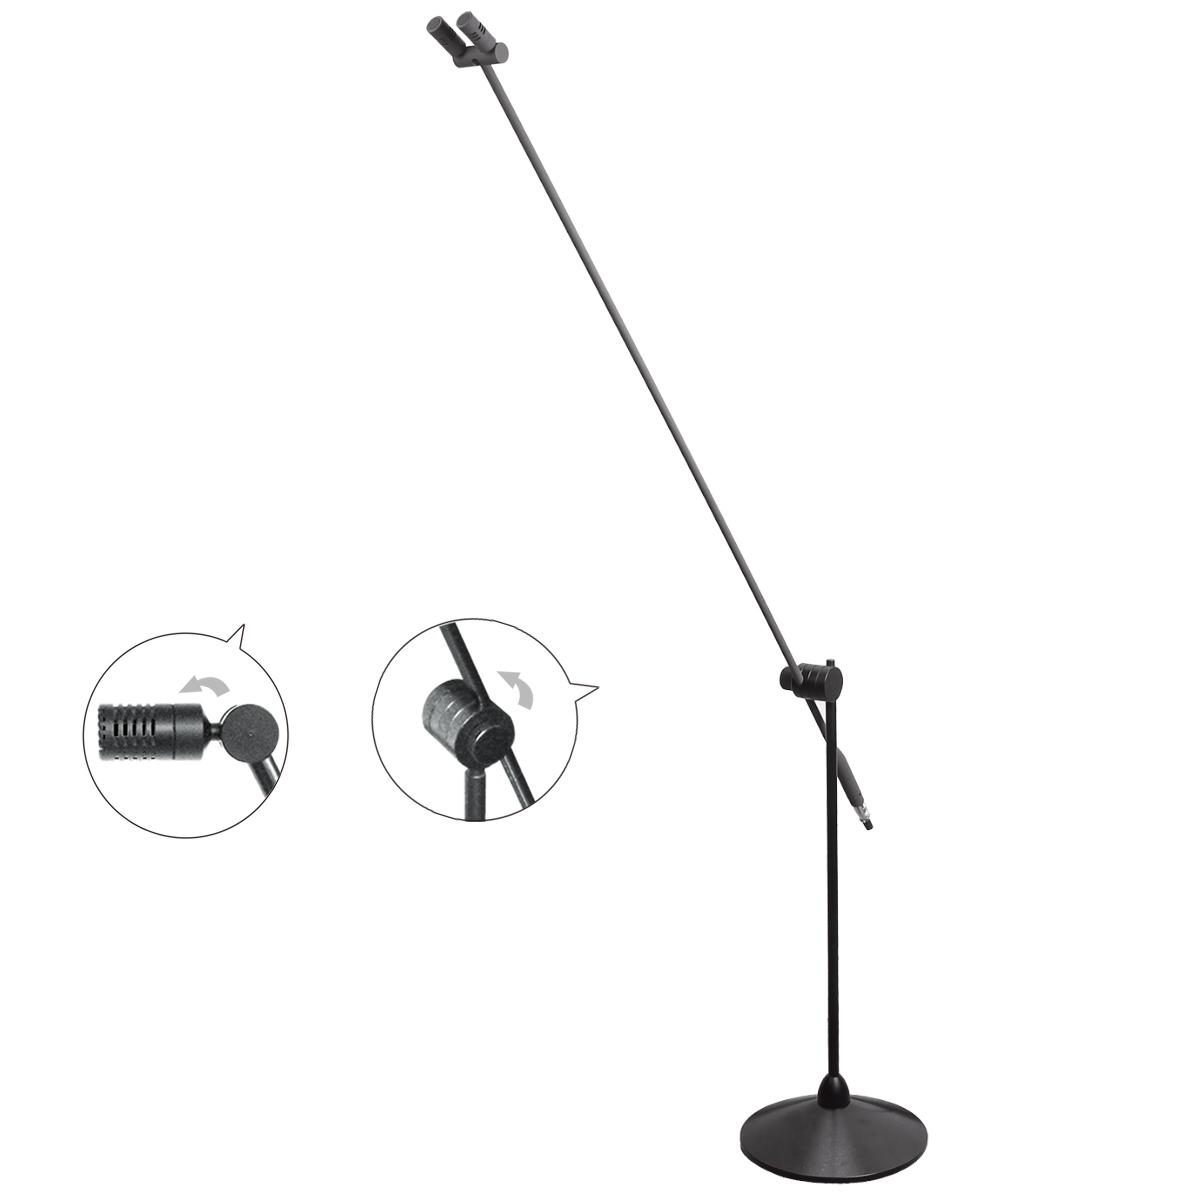 演讲麦克风 TD79L 双咪头 可调1.65米高度 演出麦克风立地合唱专业话筒